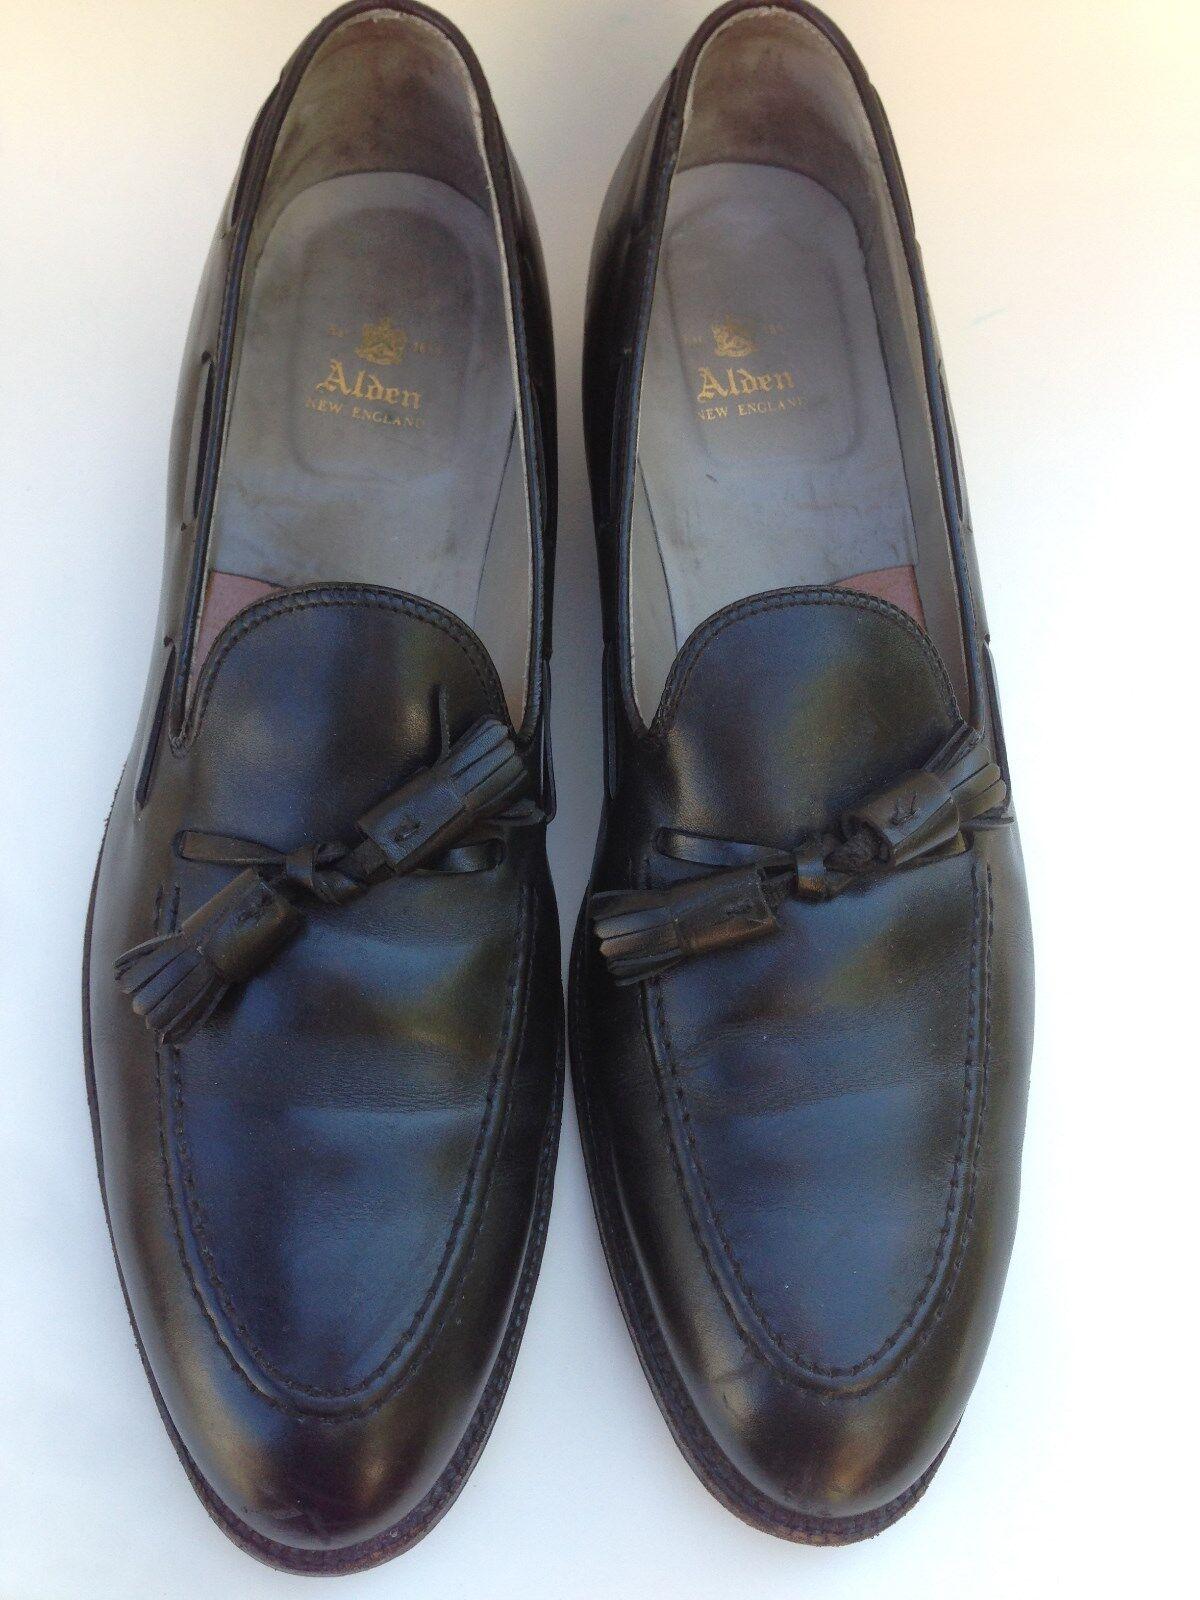 Alden 660 Nueva Inglaterra Borla Mocasín Mocasín para Hombre Zapatos Negro Cuero 14 AAAA